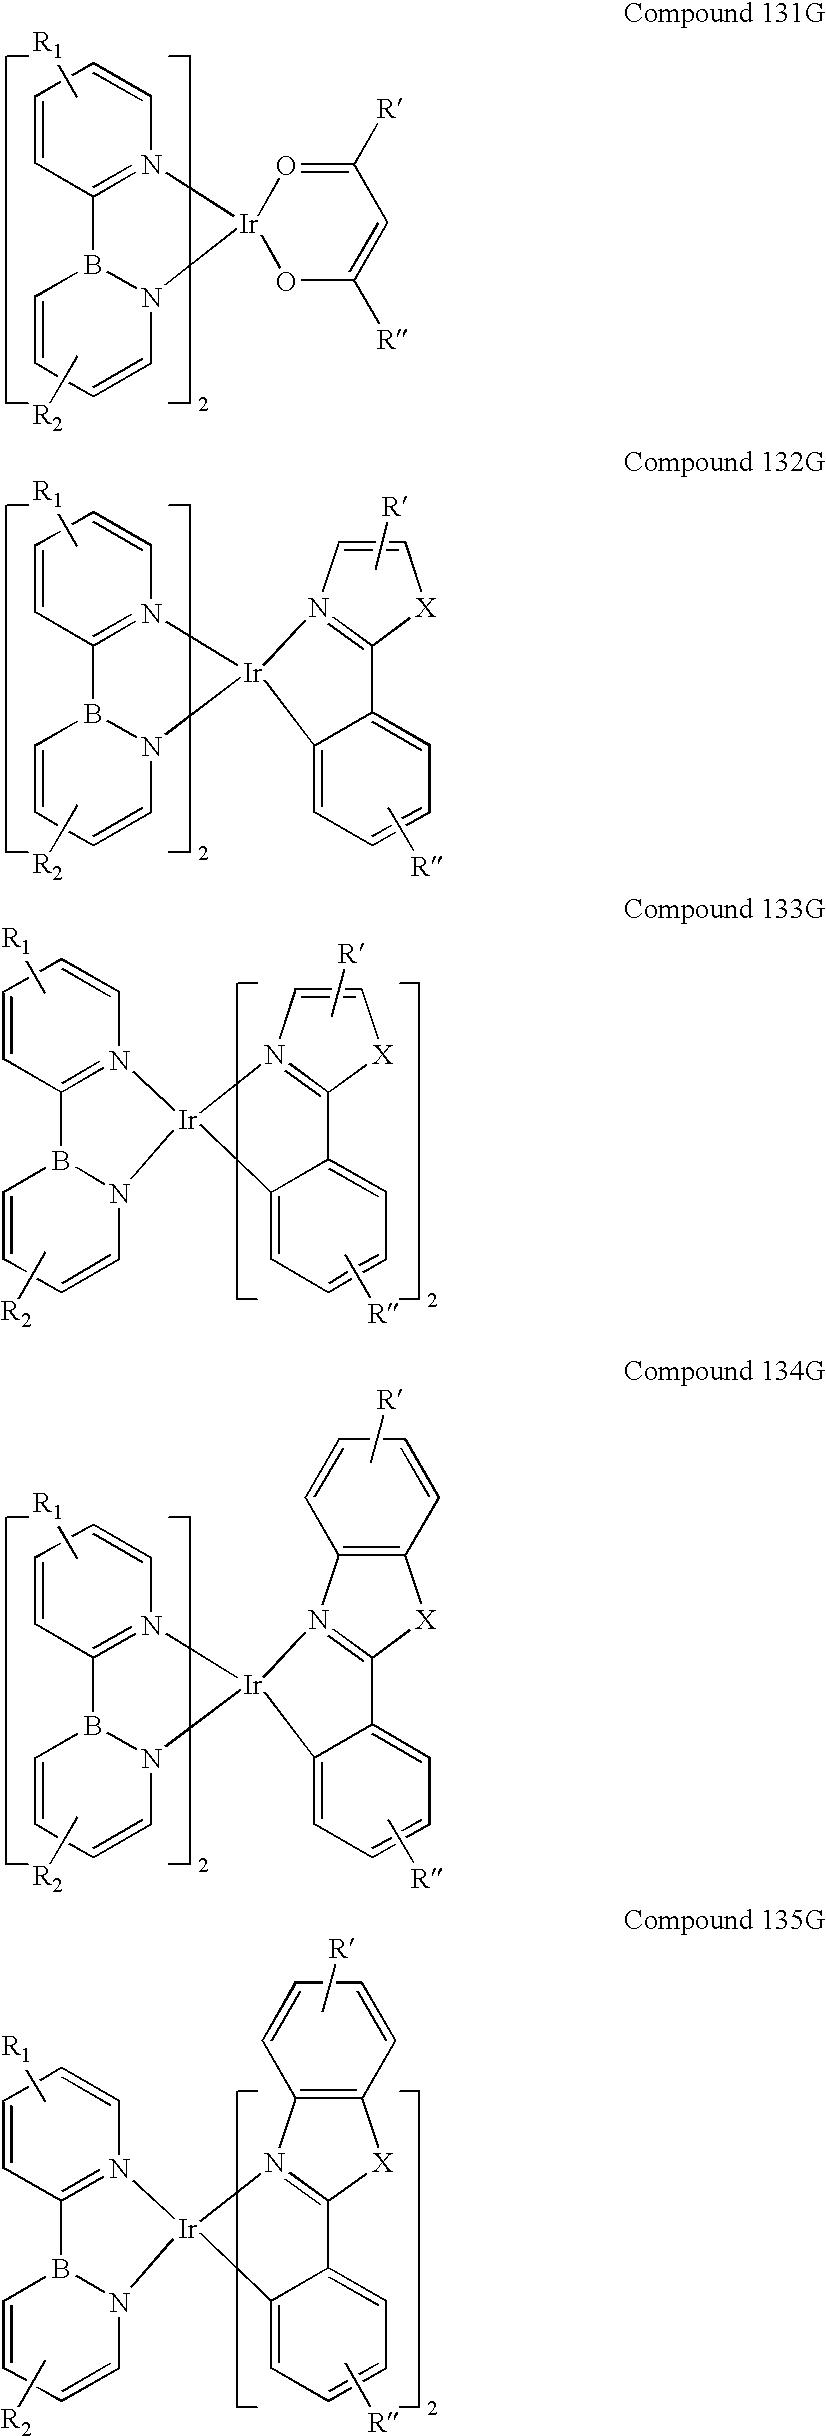 Figure US20100295032A1-20101125-C00183